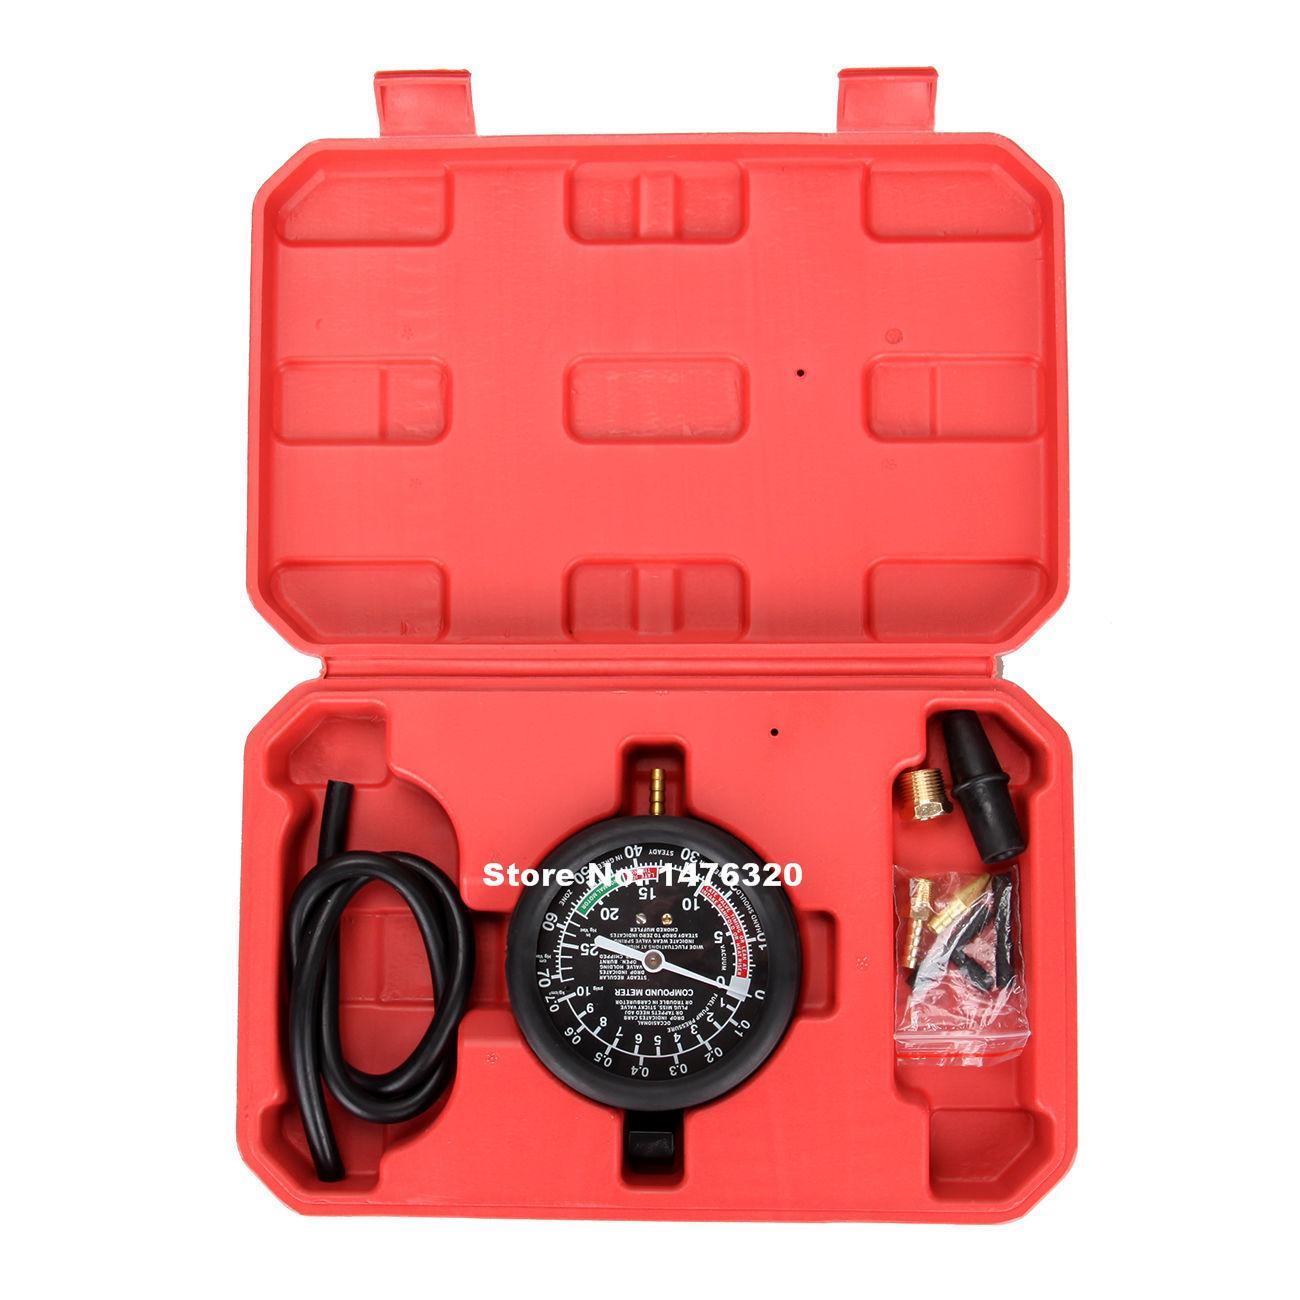 Car Fuel Pump And Vacuum Gauge Pressure Tester Tool Set AT2153